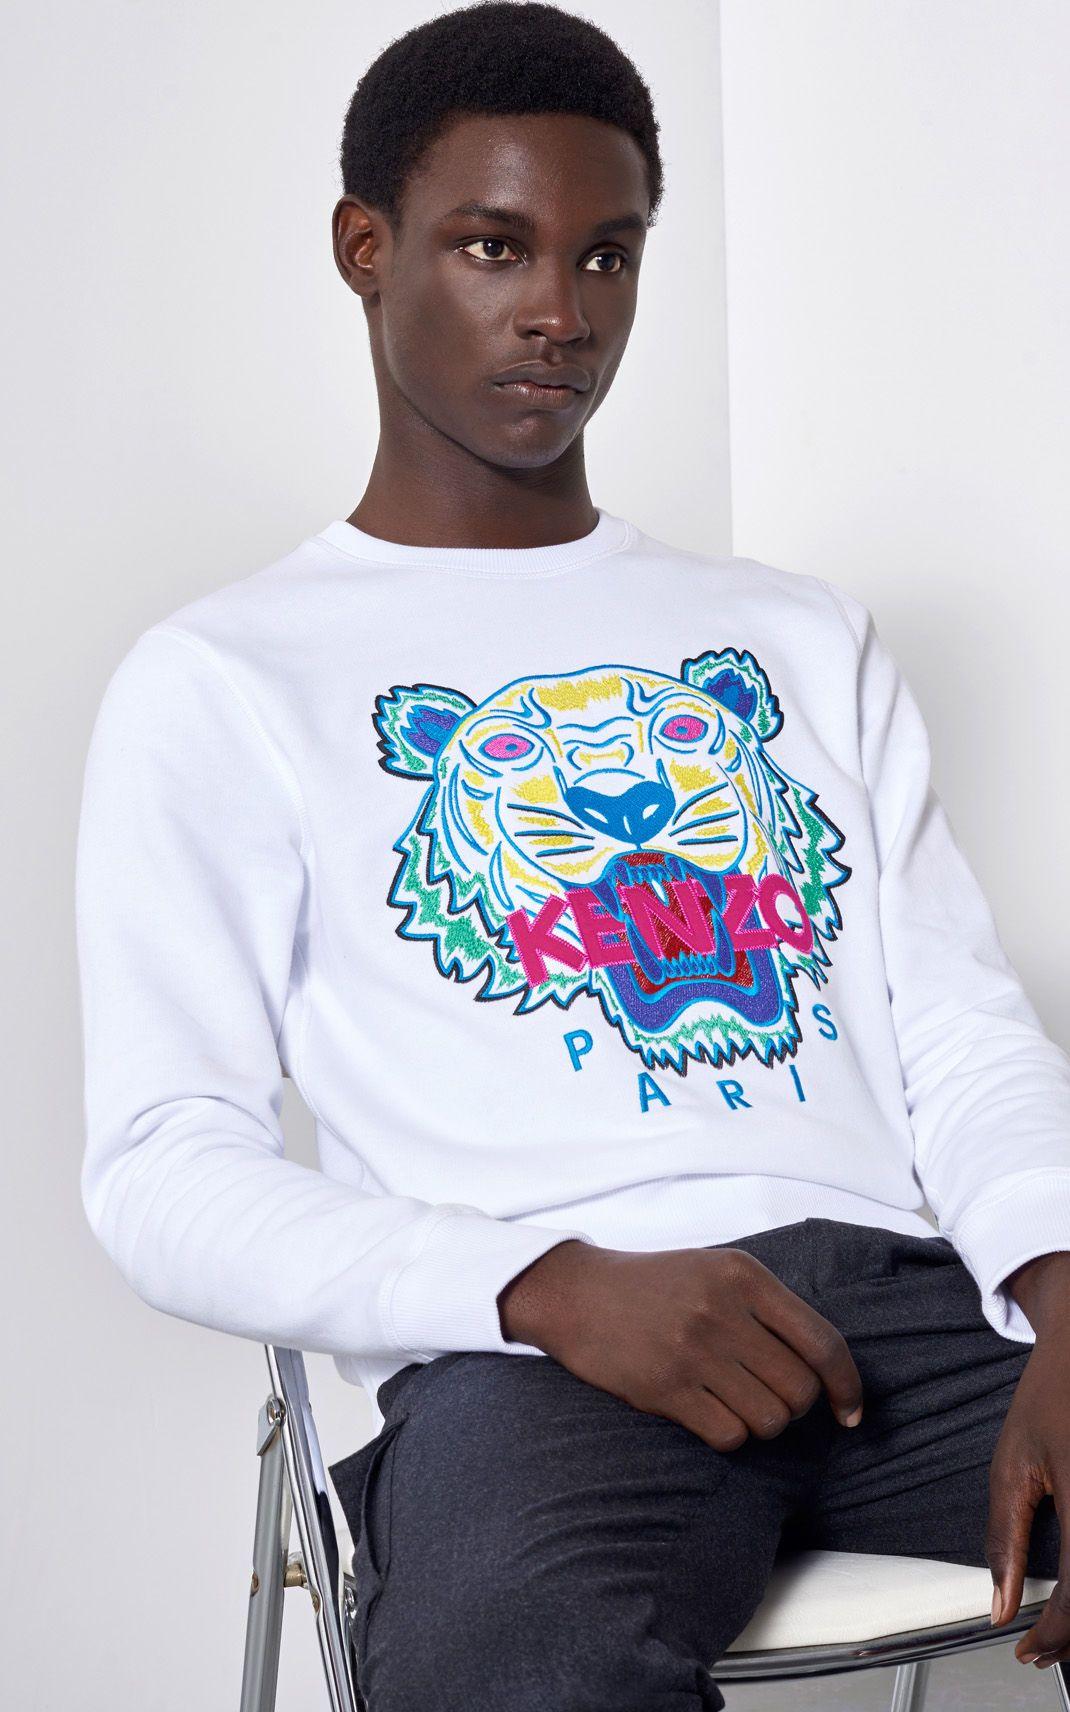 61dffb2d Tiger Sweatshirt for Men Kenzo   Kenzo.com   Kenzo in 2019   Kenzo ...